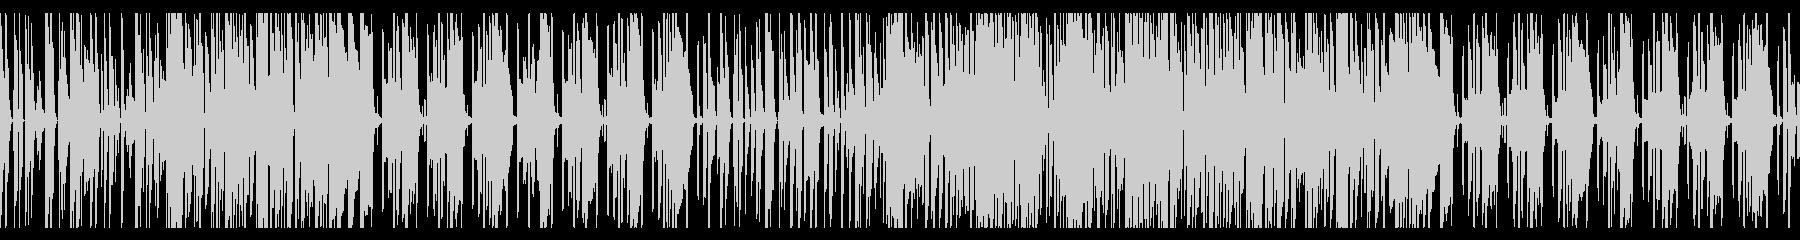 かわいい・ほのぼのエレクトロニカ ループの未再生の波形